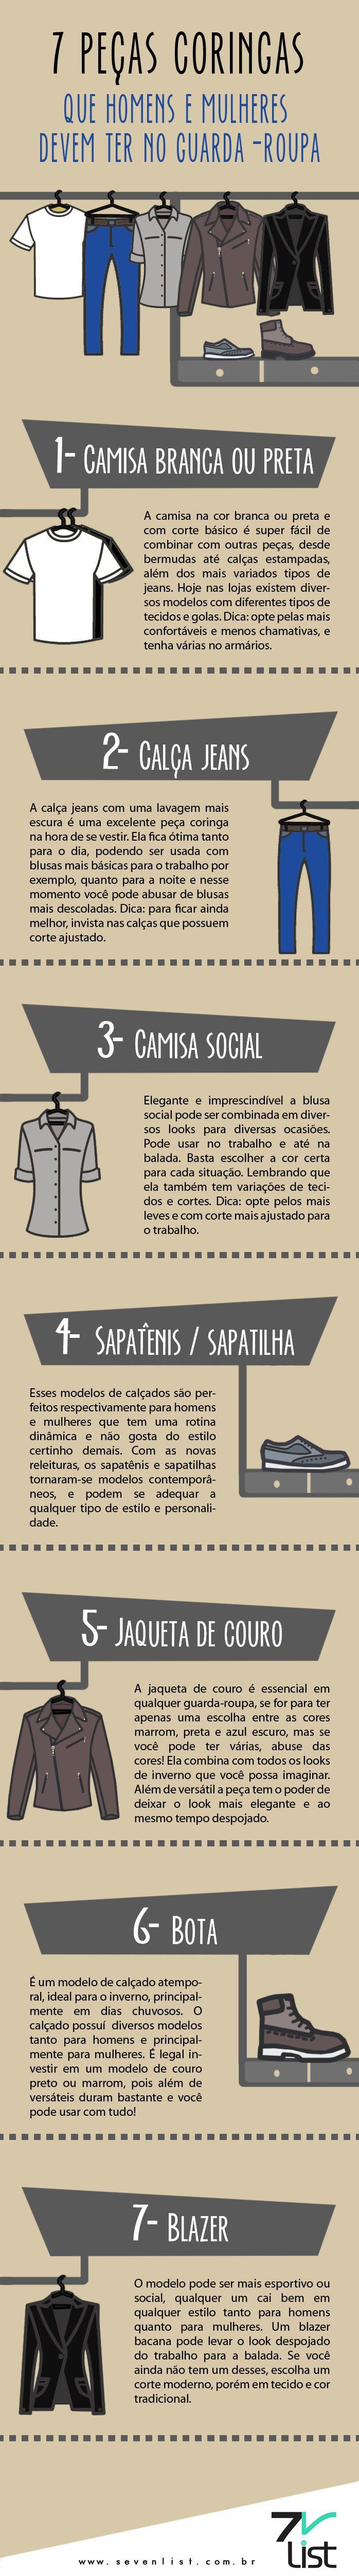 #infográfico #infographic #design #camisa #camisabranca #camisapreta #calçajeans #jeans #camisasocial #sapatênis #sapatilha #jaqueta #coura #jaquetadecouro #bota #blazer #peças #coringas #peçacoringa #moda #look #essencial #roupas www.sevenlist.com.br